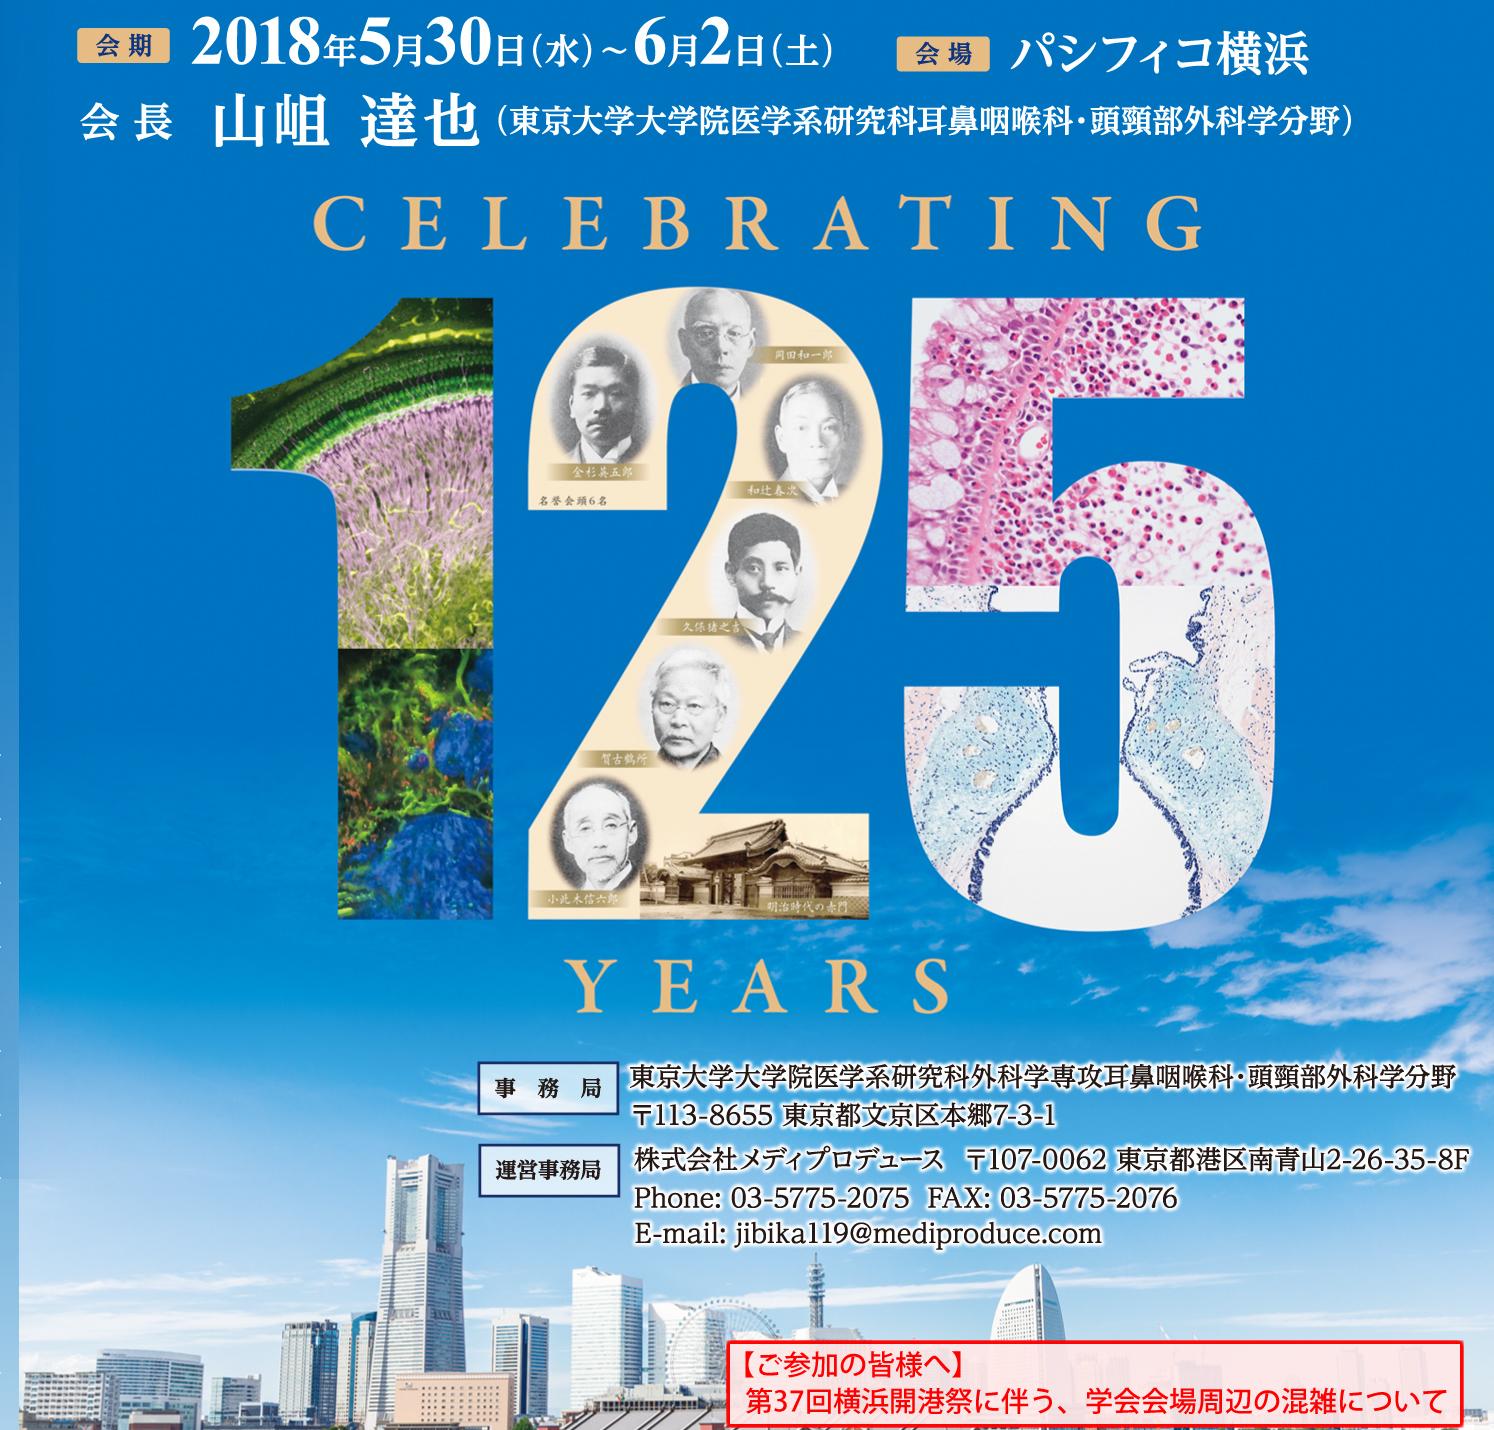 第119回日本耳鼻咽喉科学会総会...